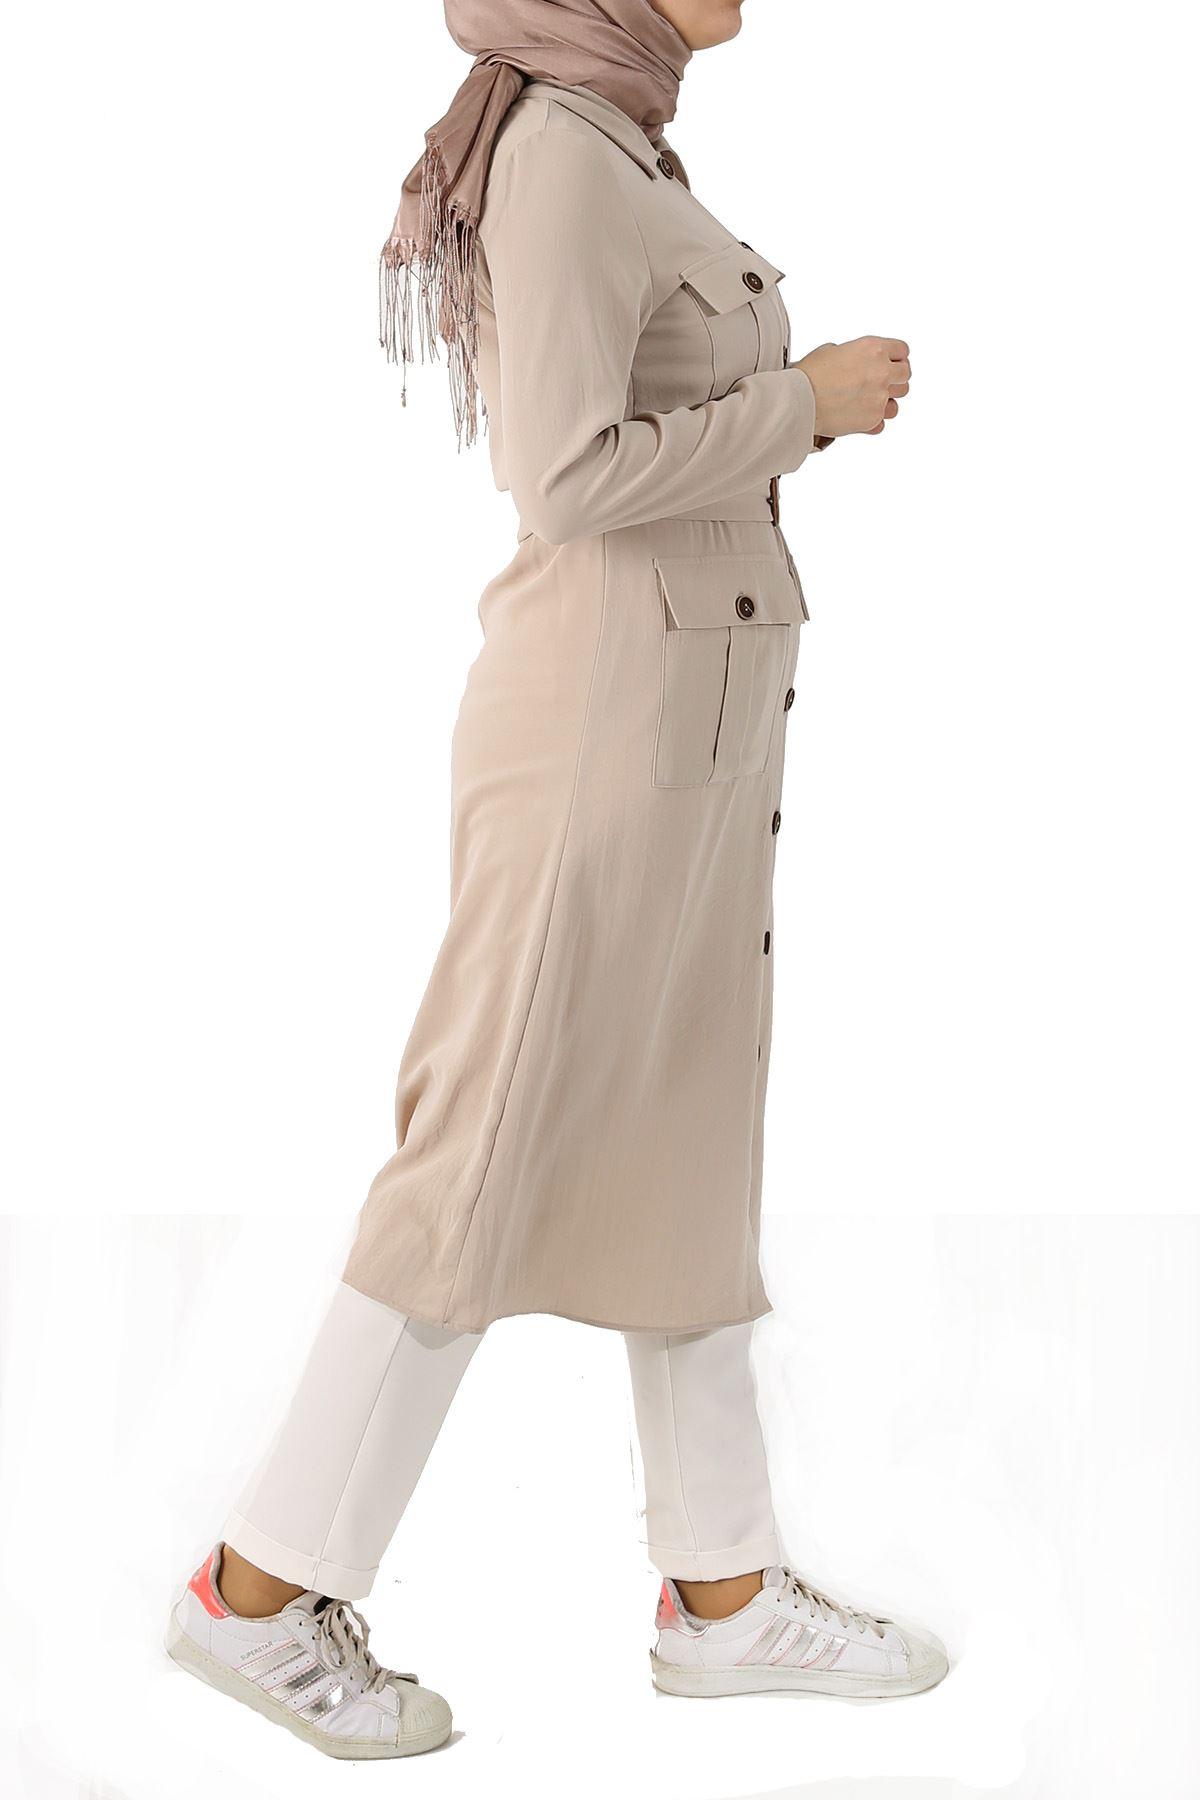 Cep Detay Düğmeli Ceket-Bej